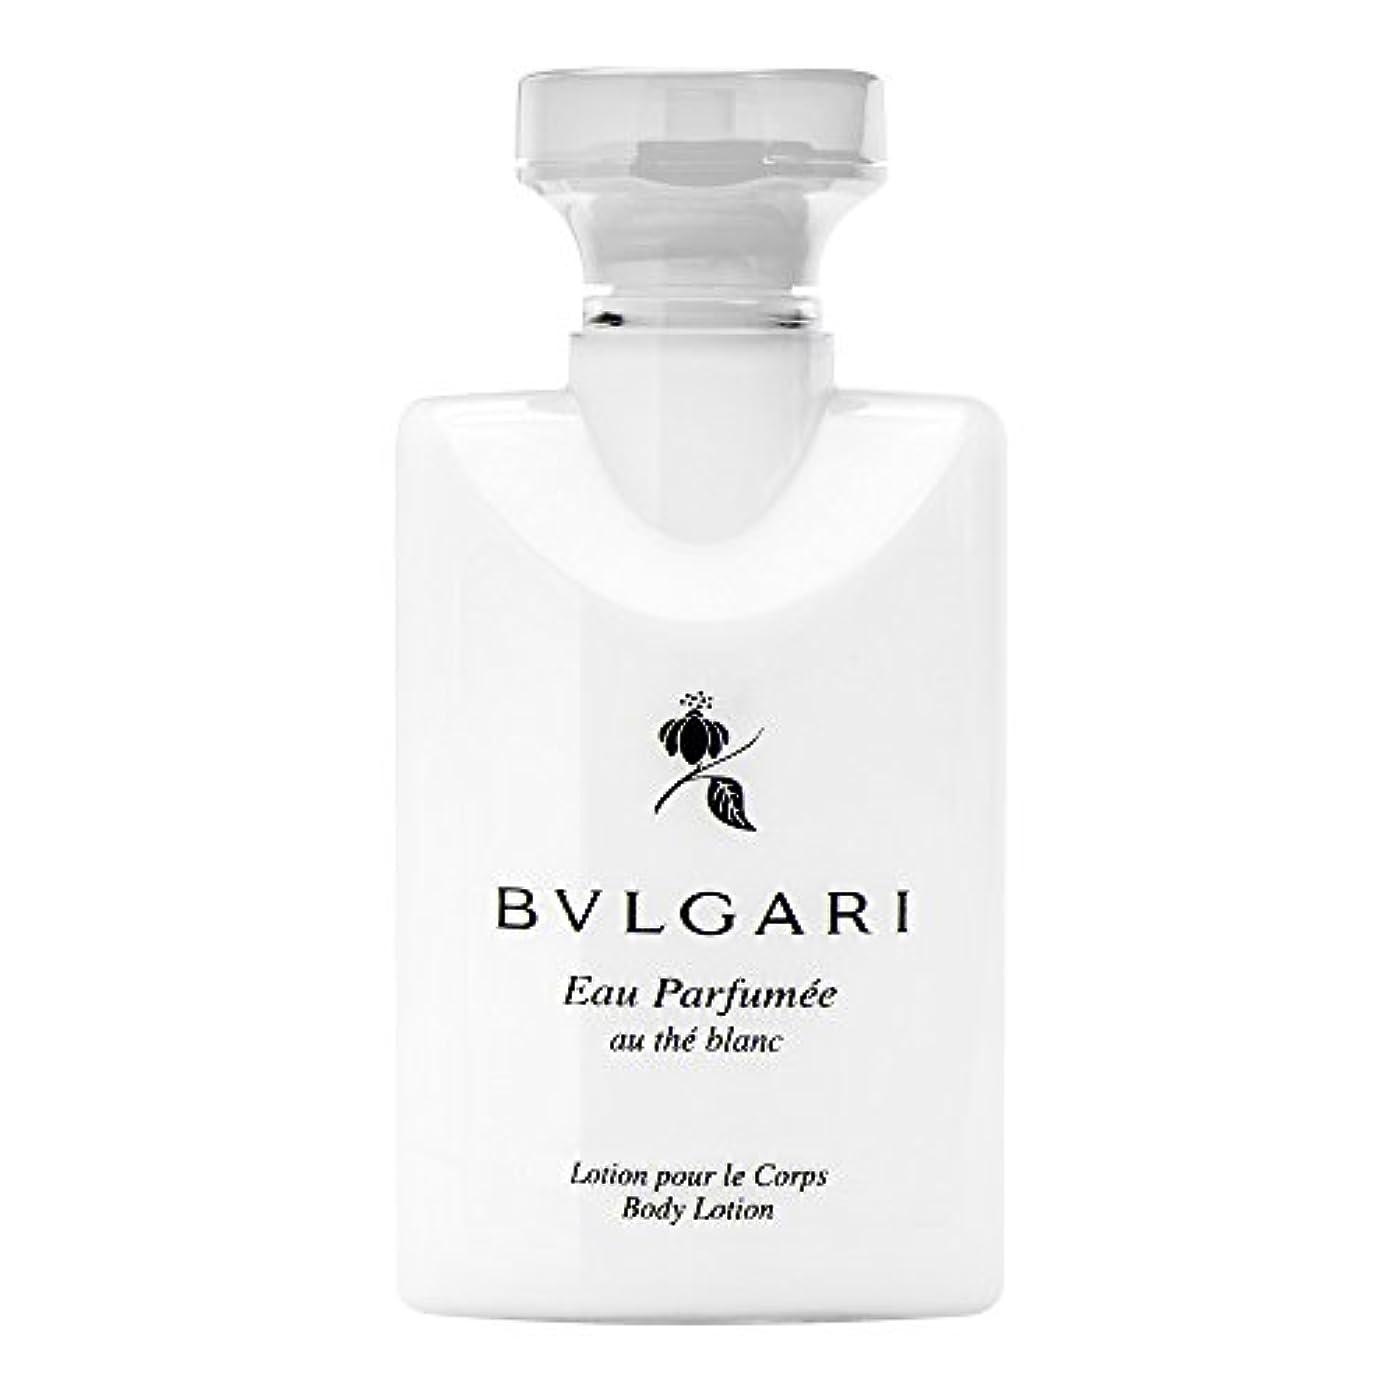 空中十フルートBvlgari Eau Parfumee Au The Blanc (ブルガリ オー パフュ-メ オウ ブラン) 2.5 oz (75ml) Body Lotion ボディーローション